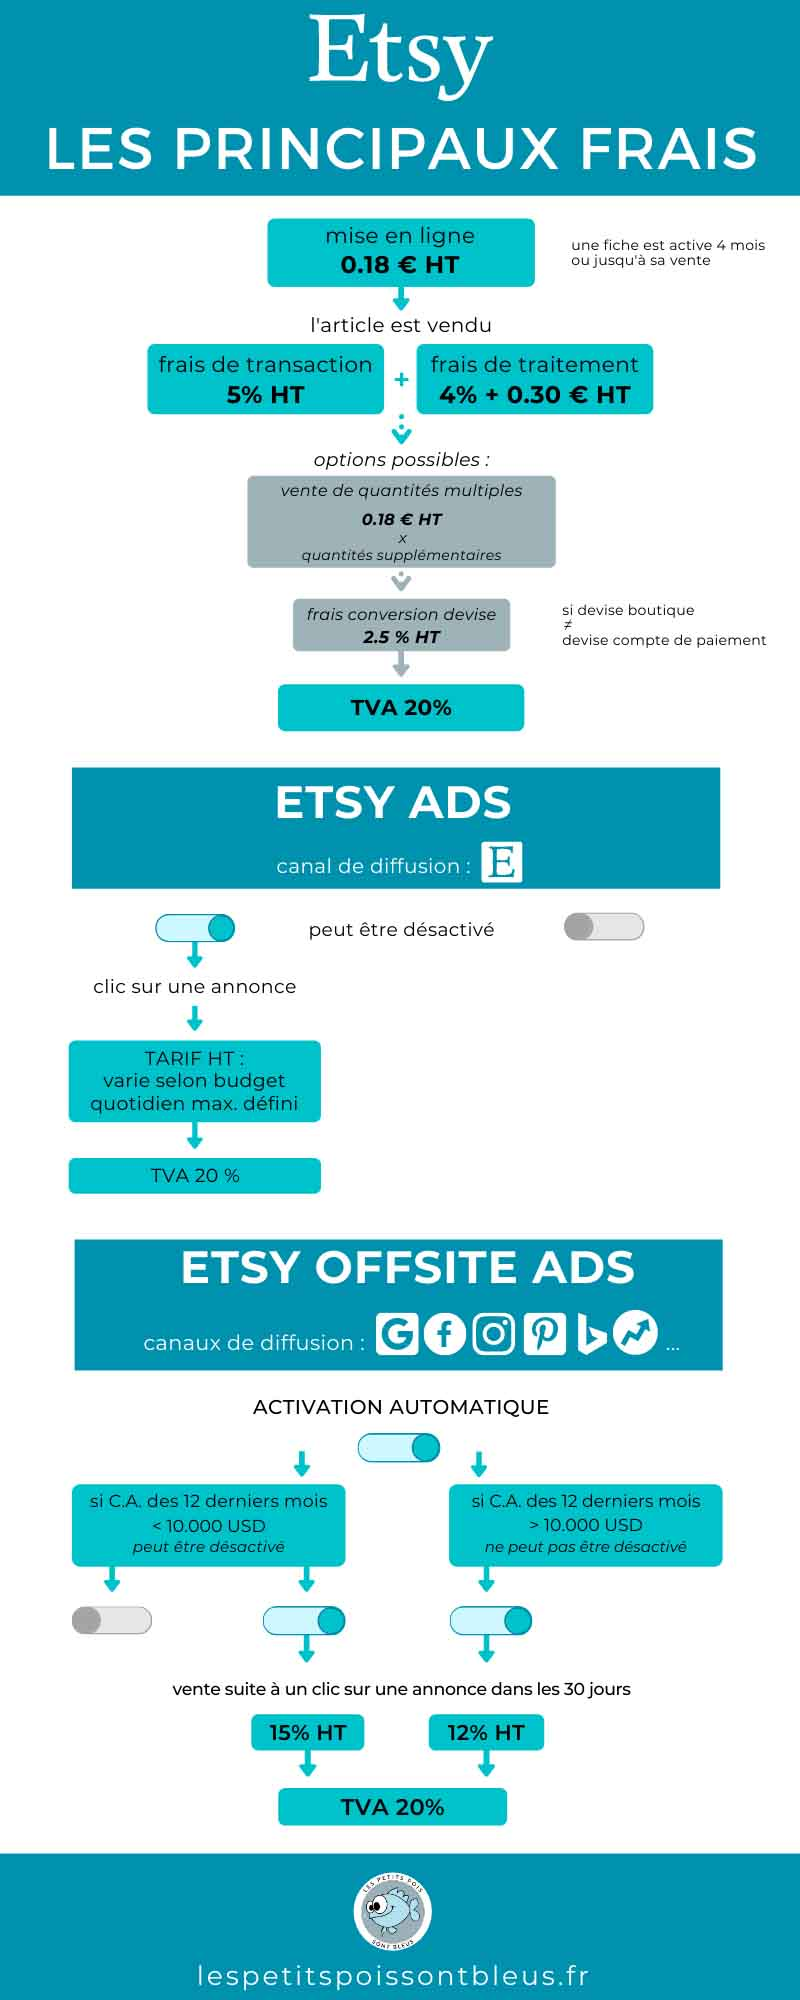 Les principaux frais de vente sur Etsy